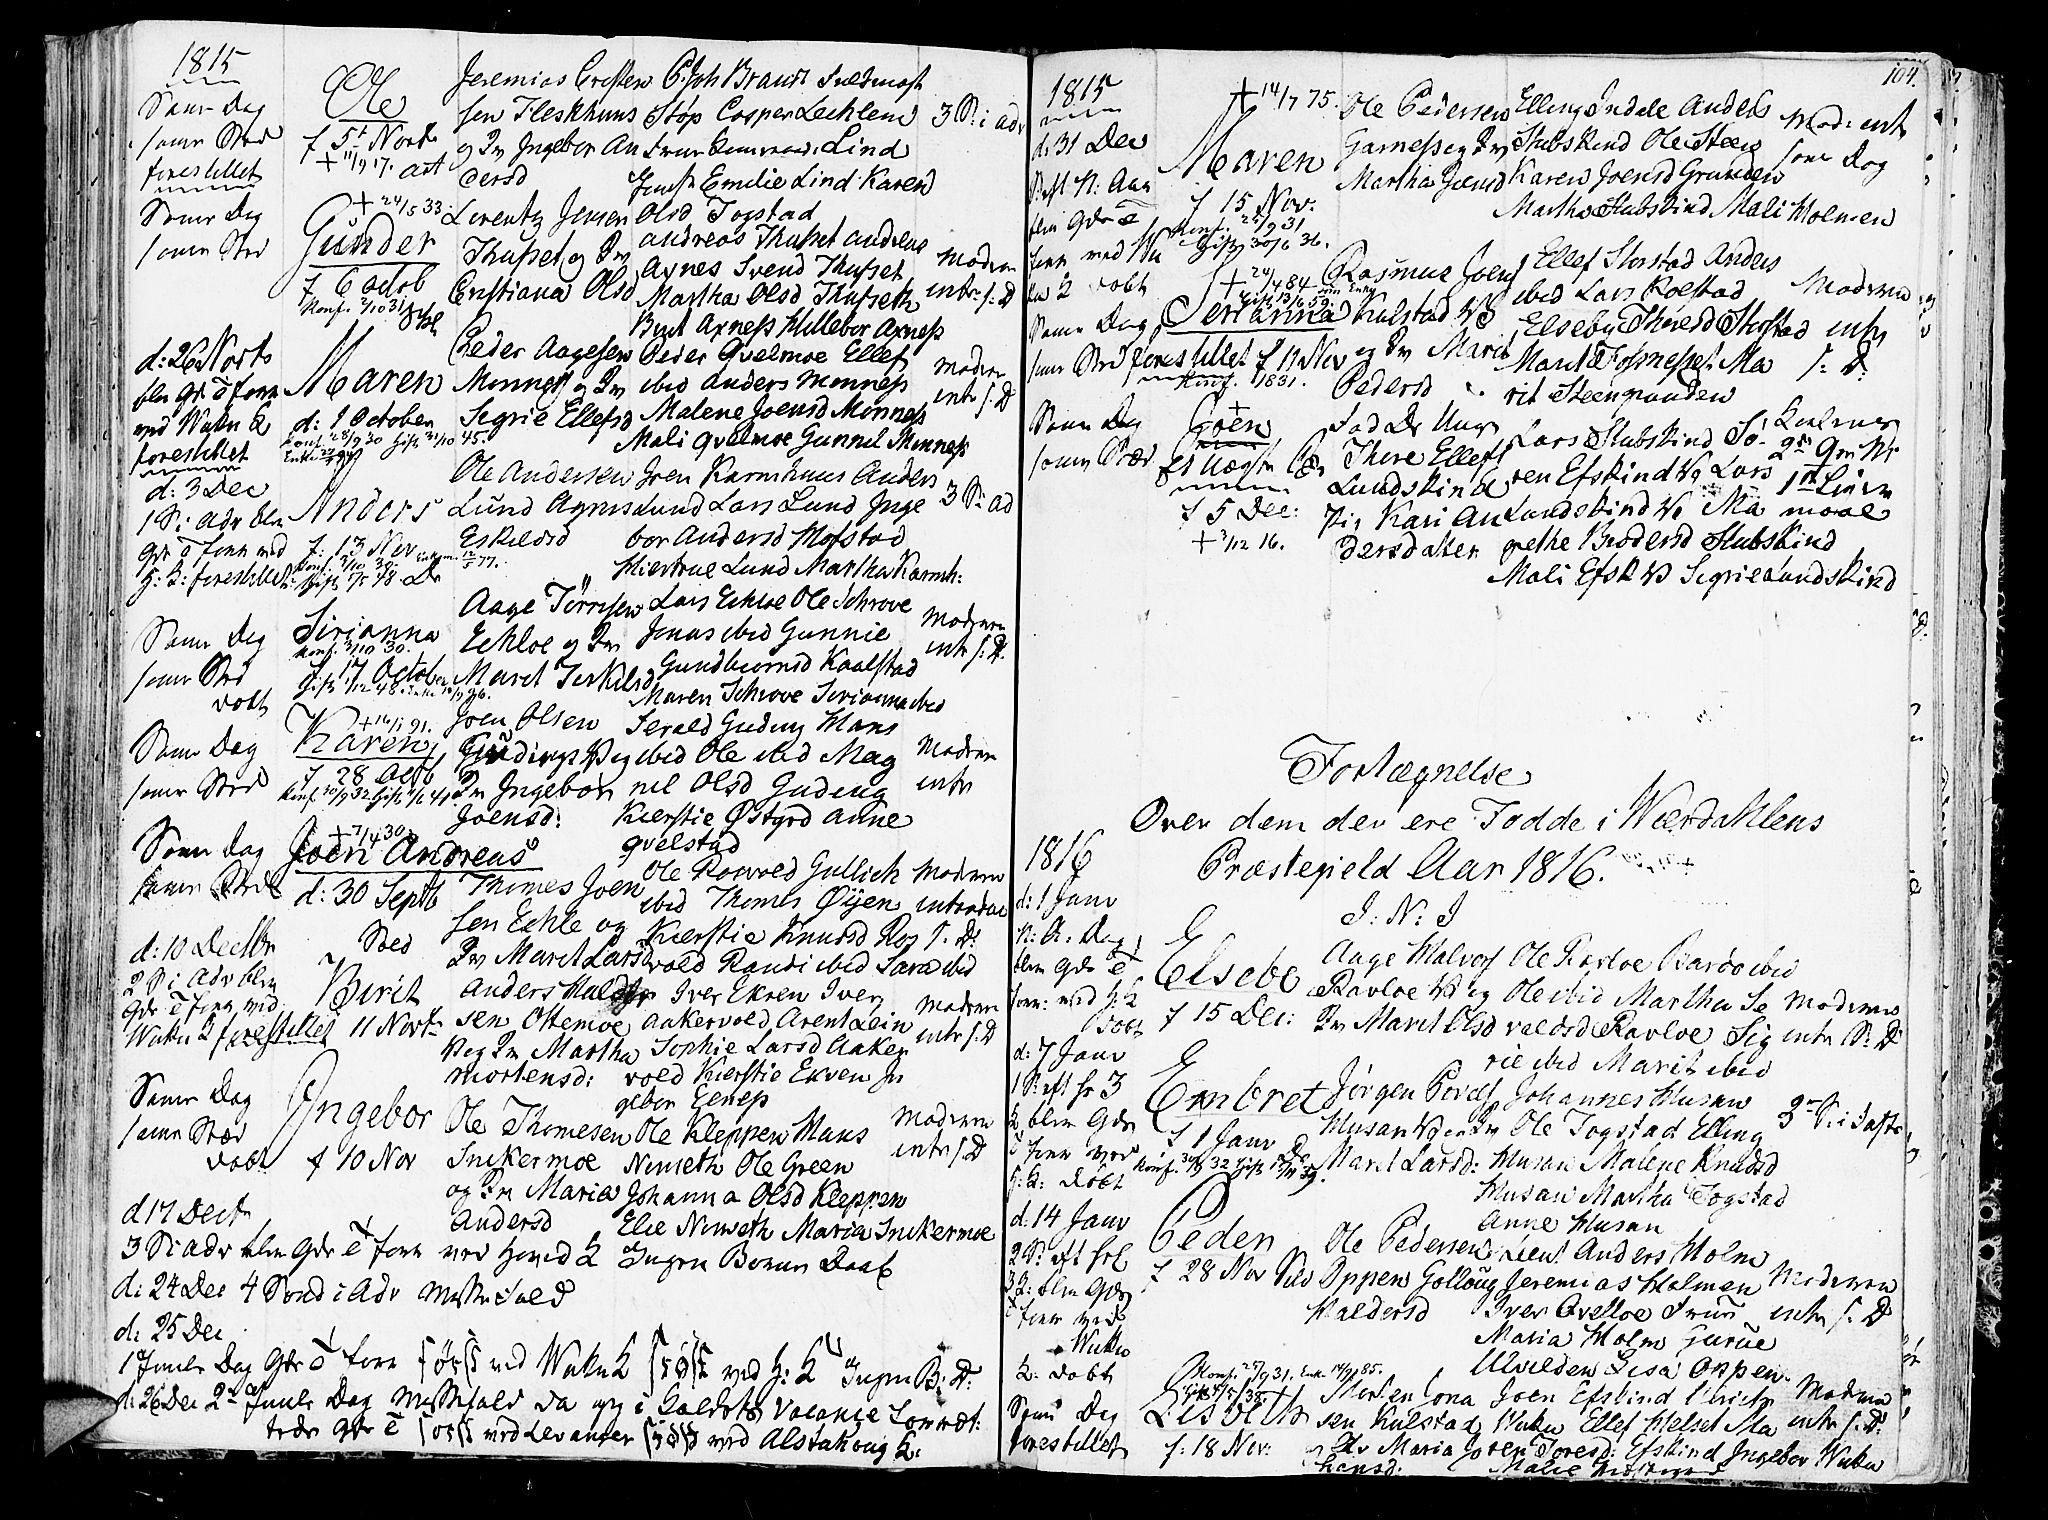 SAT, Ministerialprotokoller, klokkerbøker og fødselsregistre - Nord-Trøndelag, 723/L0233: Ministerialbok nr. 723A04, 1805-1816, s. 104